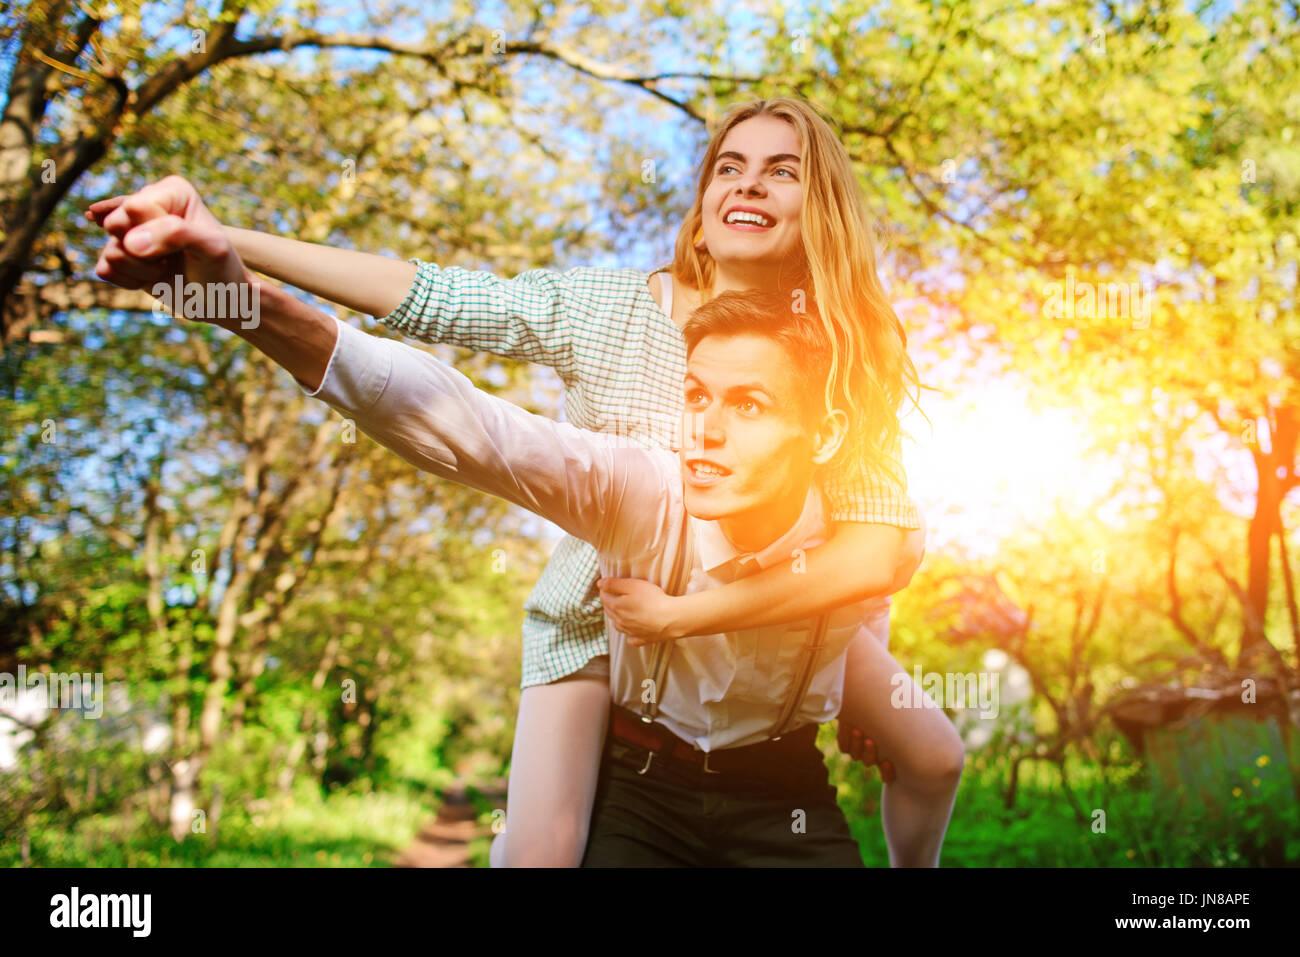 Retrato de pareja feliz levantando sus manos al aire libre. Imagen De Stock